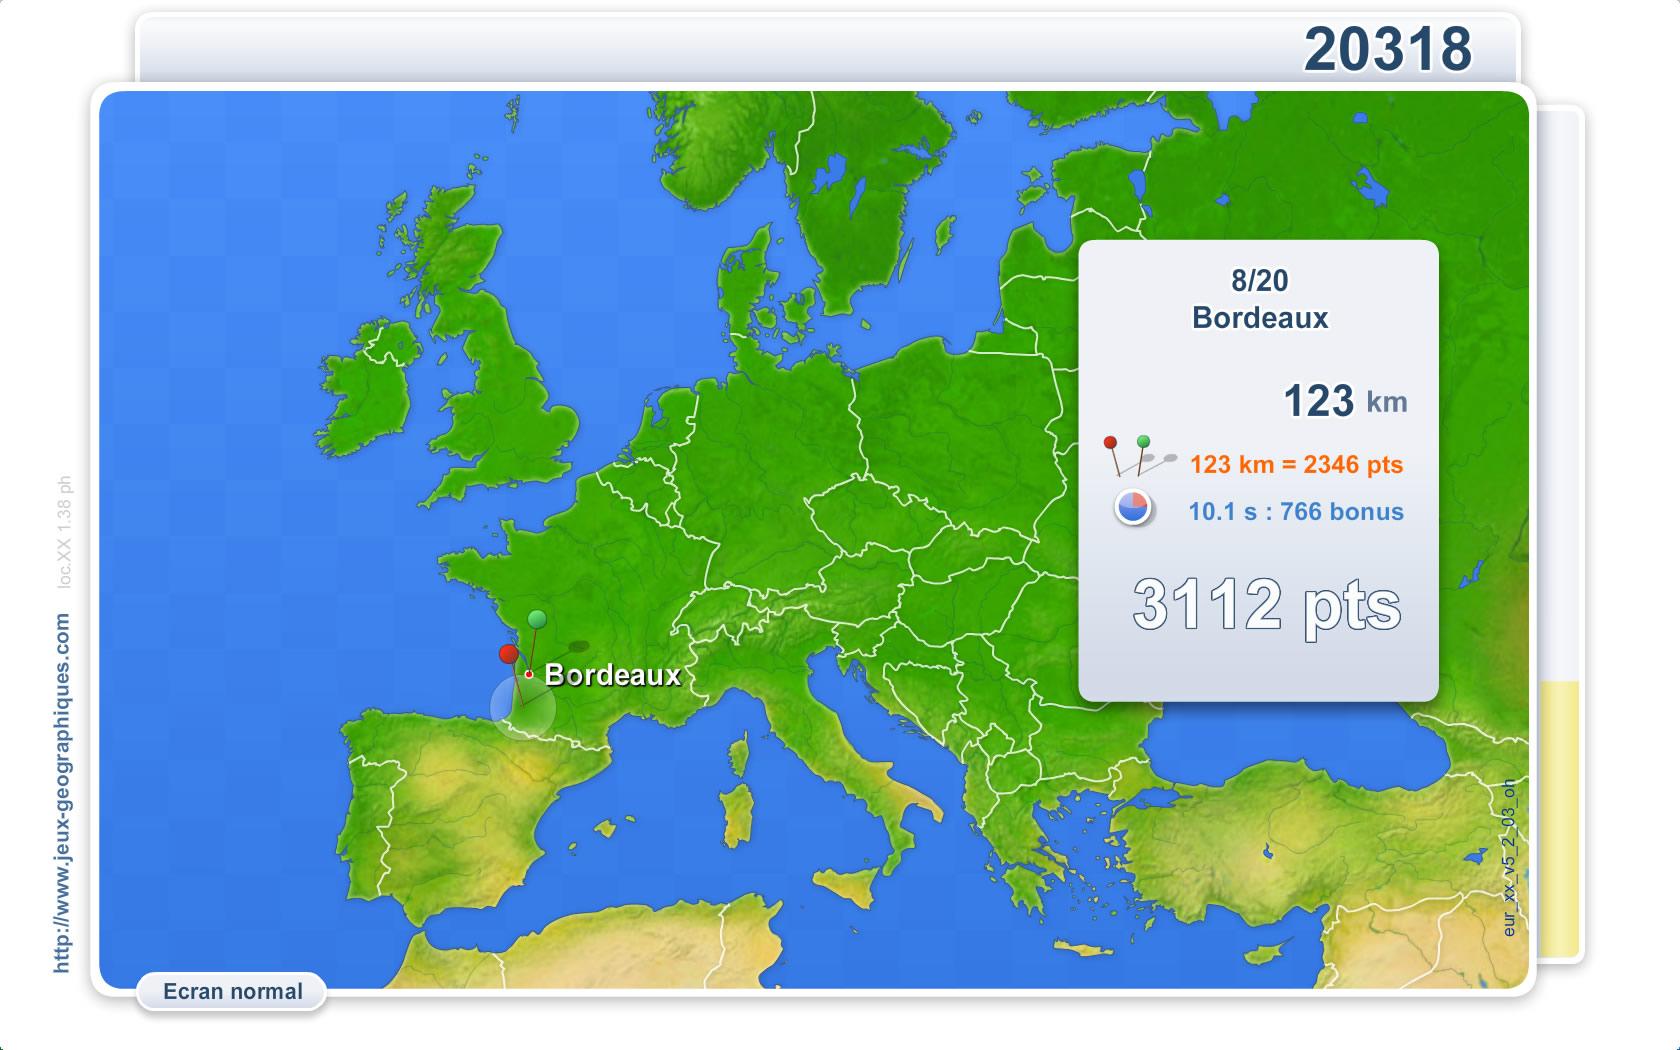 Jeux-Geographiques : Plus De 80 Jeux Gratuits De à Jeux Geographie